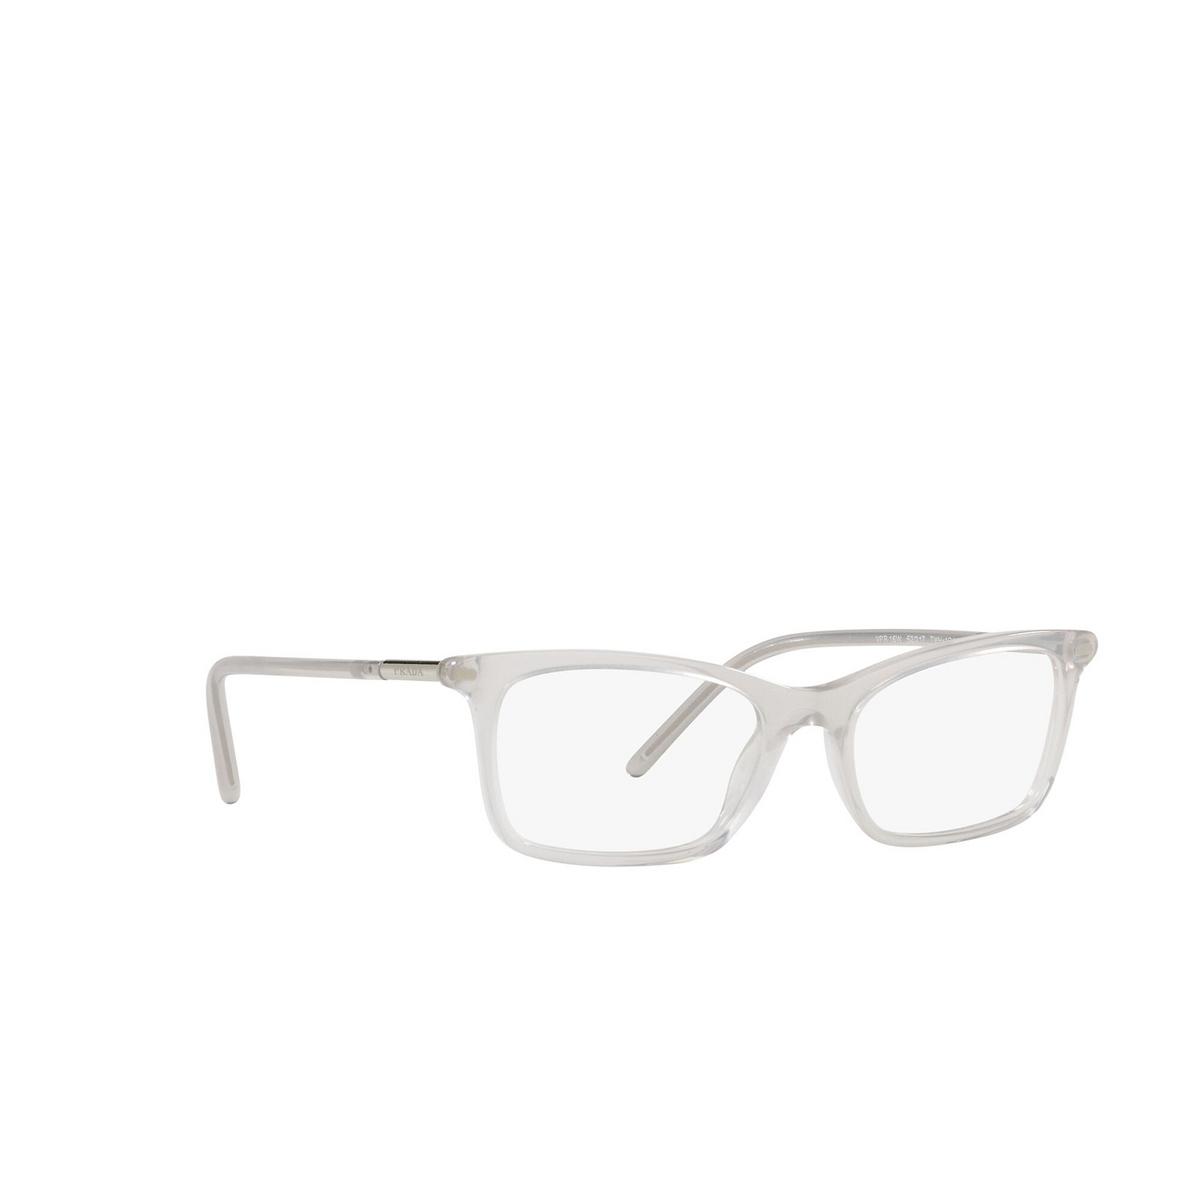 Prada® Rectangle Eyeglasses: PR 16WV color Opal Grey TWH1O1 - three-quarters view.